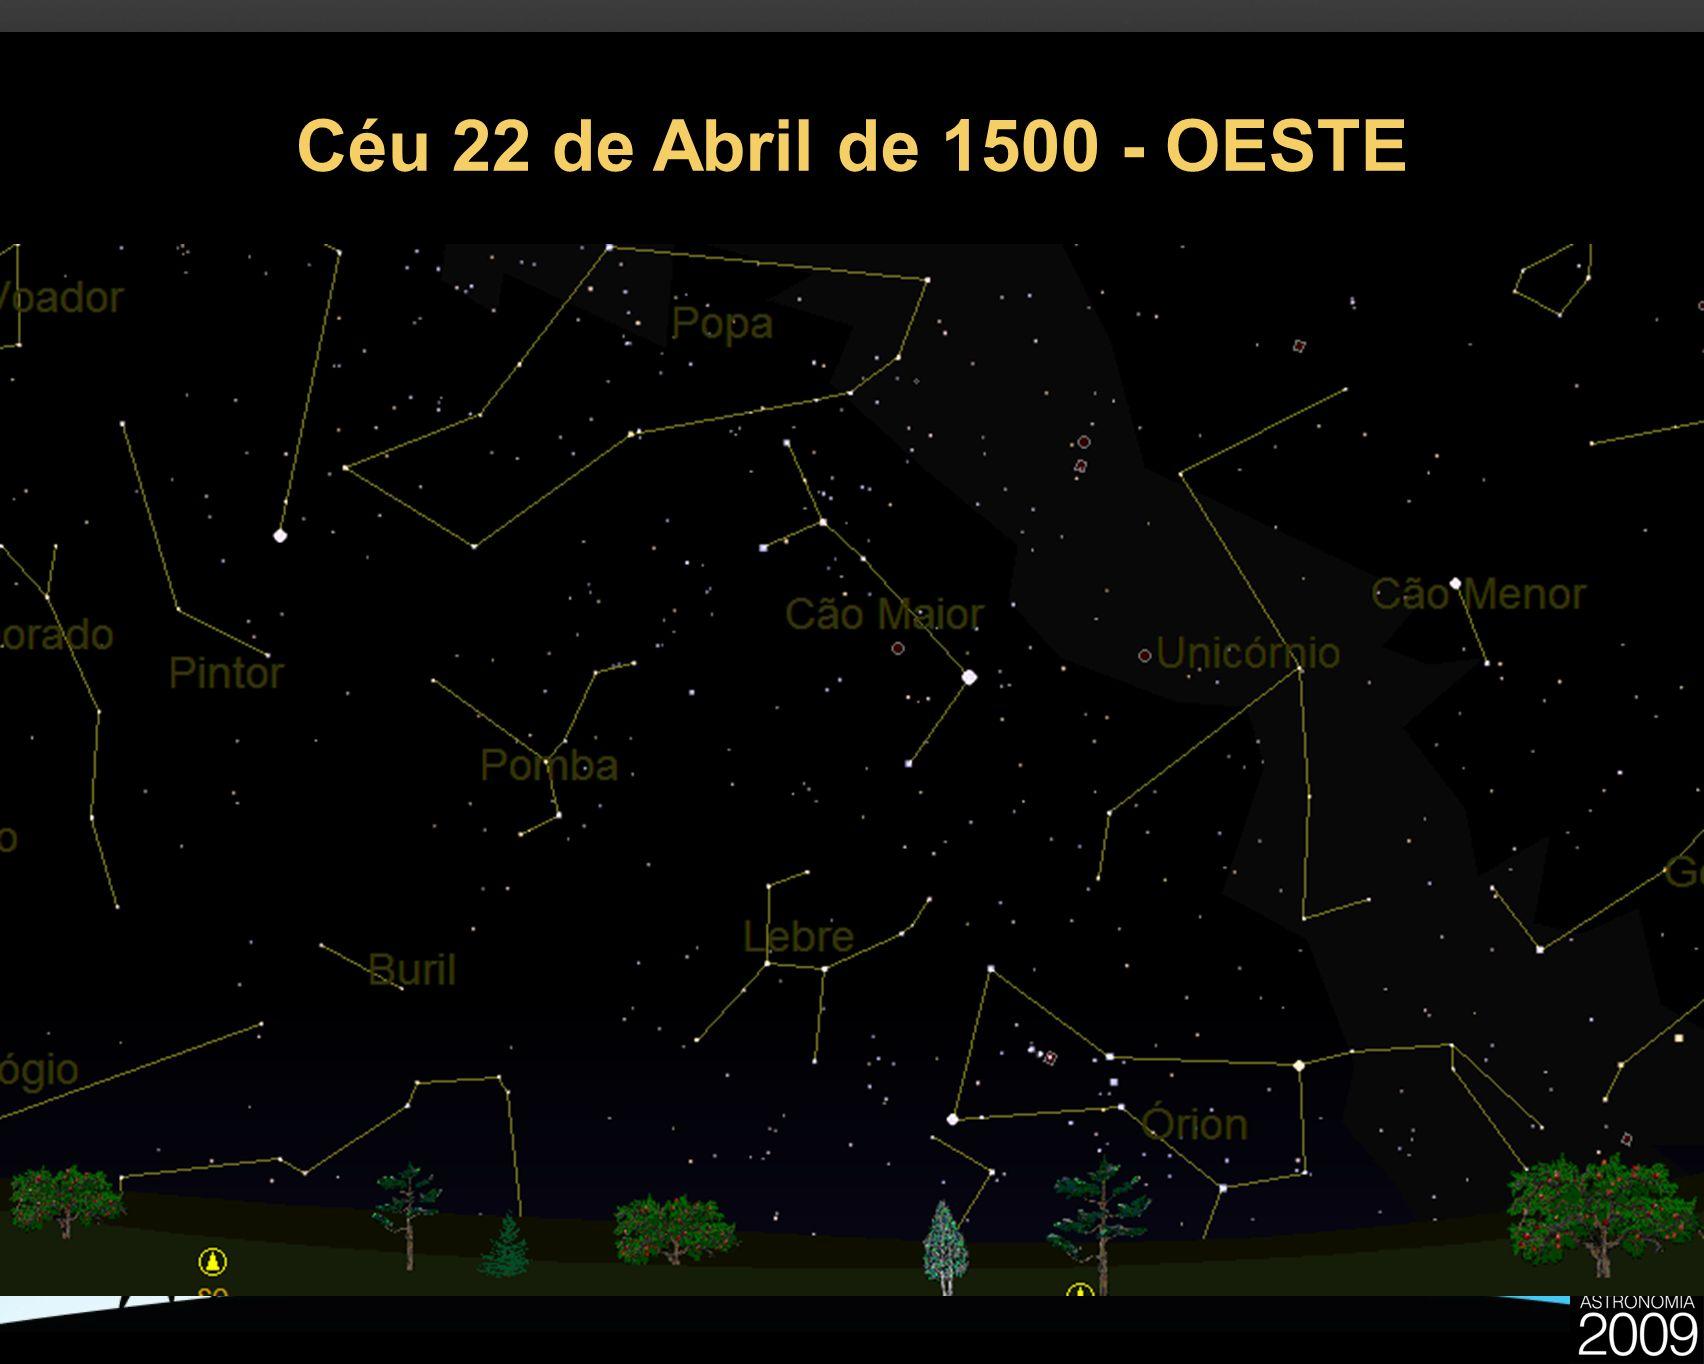 Céu 22 de Abril de 1500 - OESTE 22